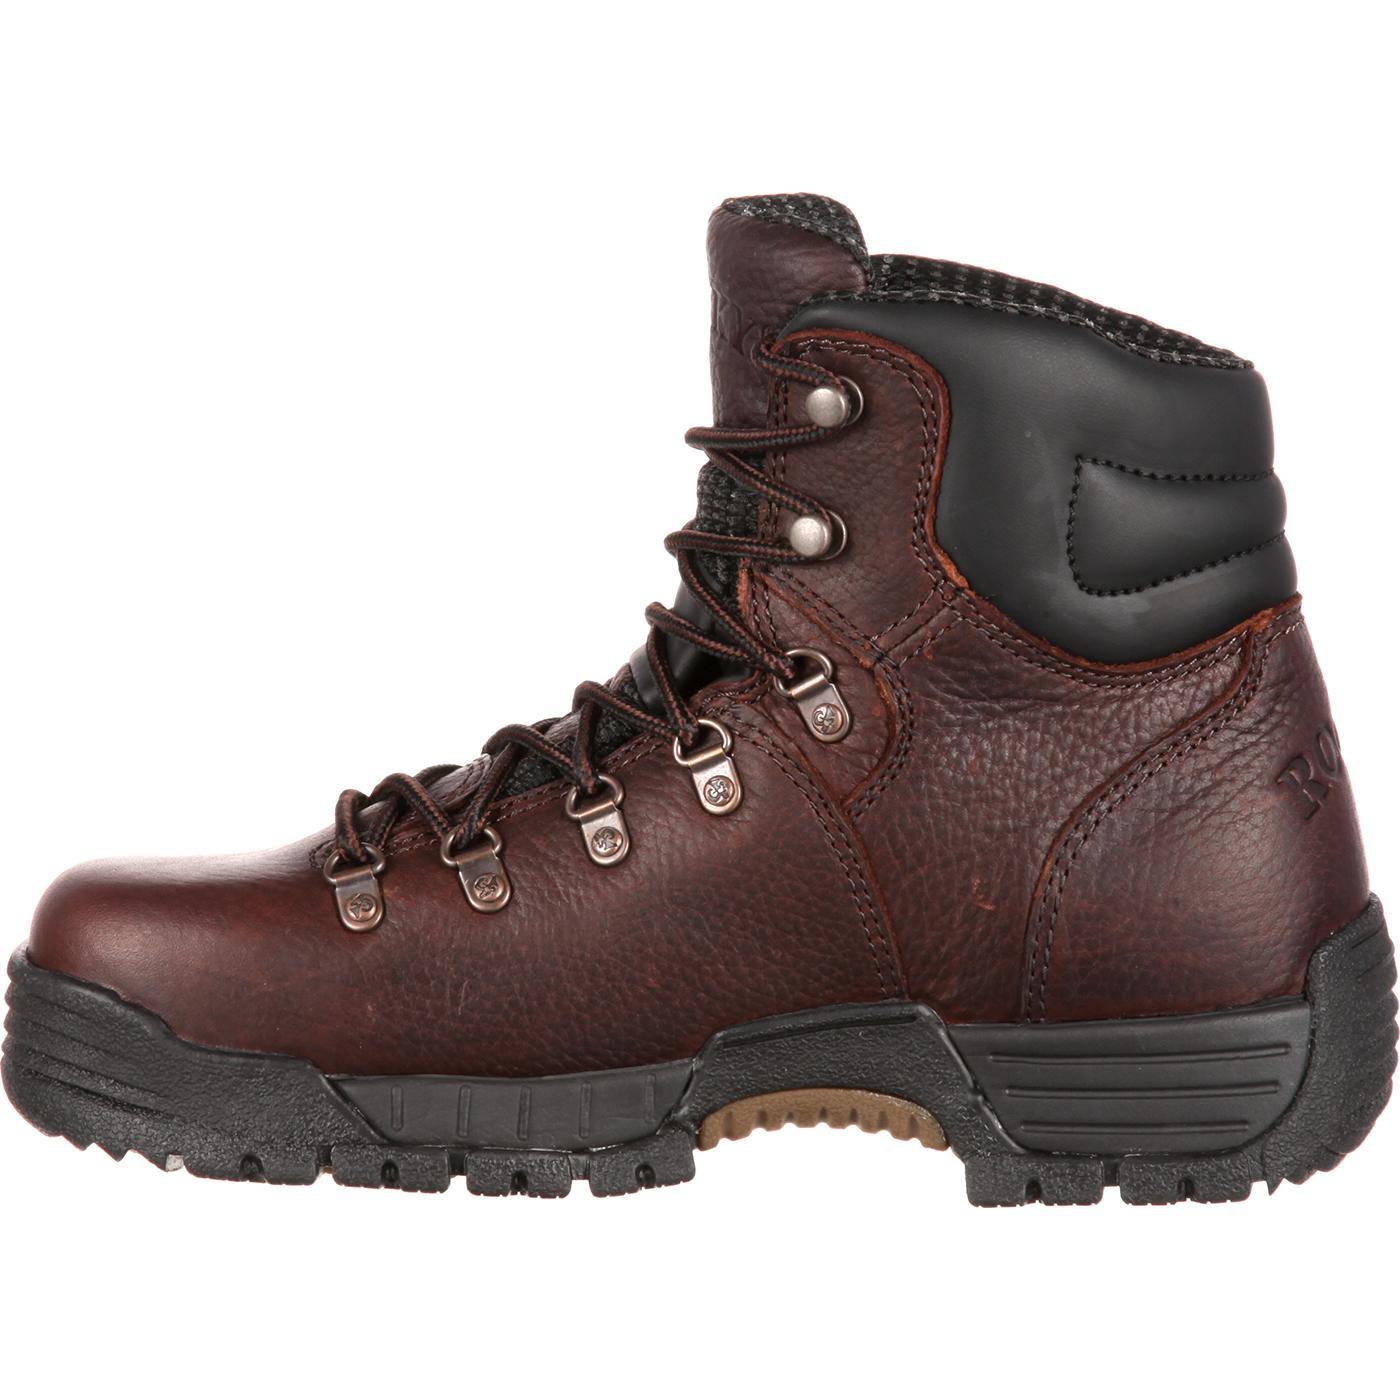 ddaf8b21bb8 Rocky Women's Mobilite Steel Toe Waterproof Work Boot